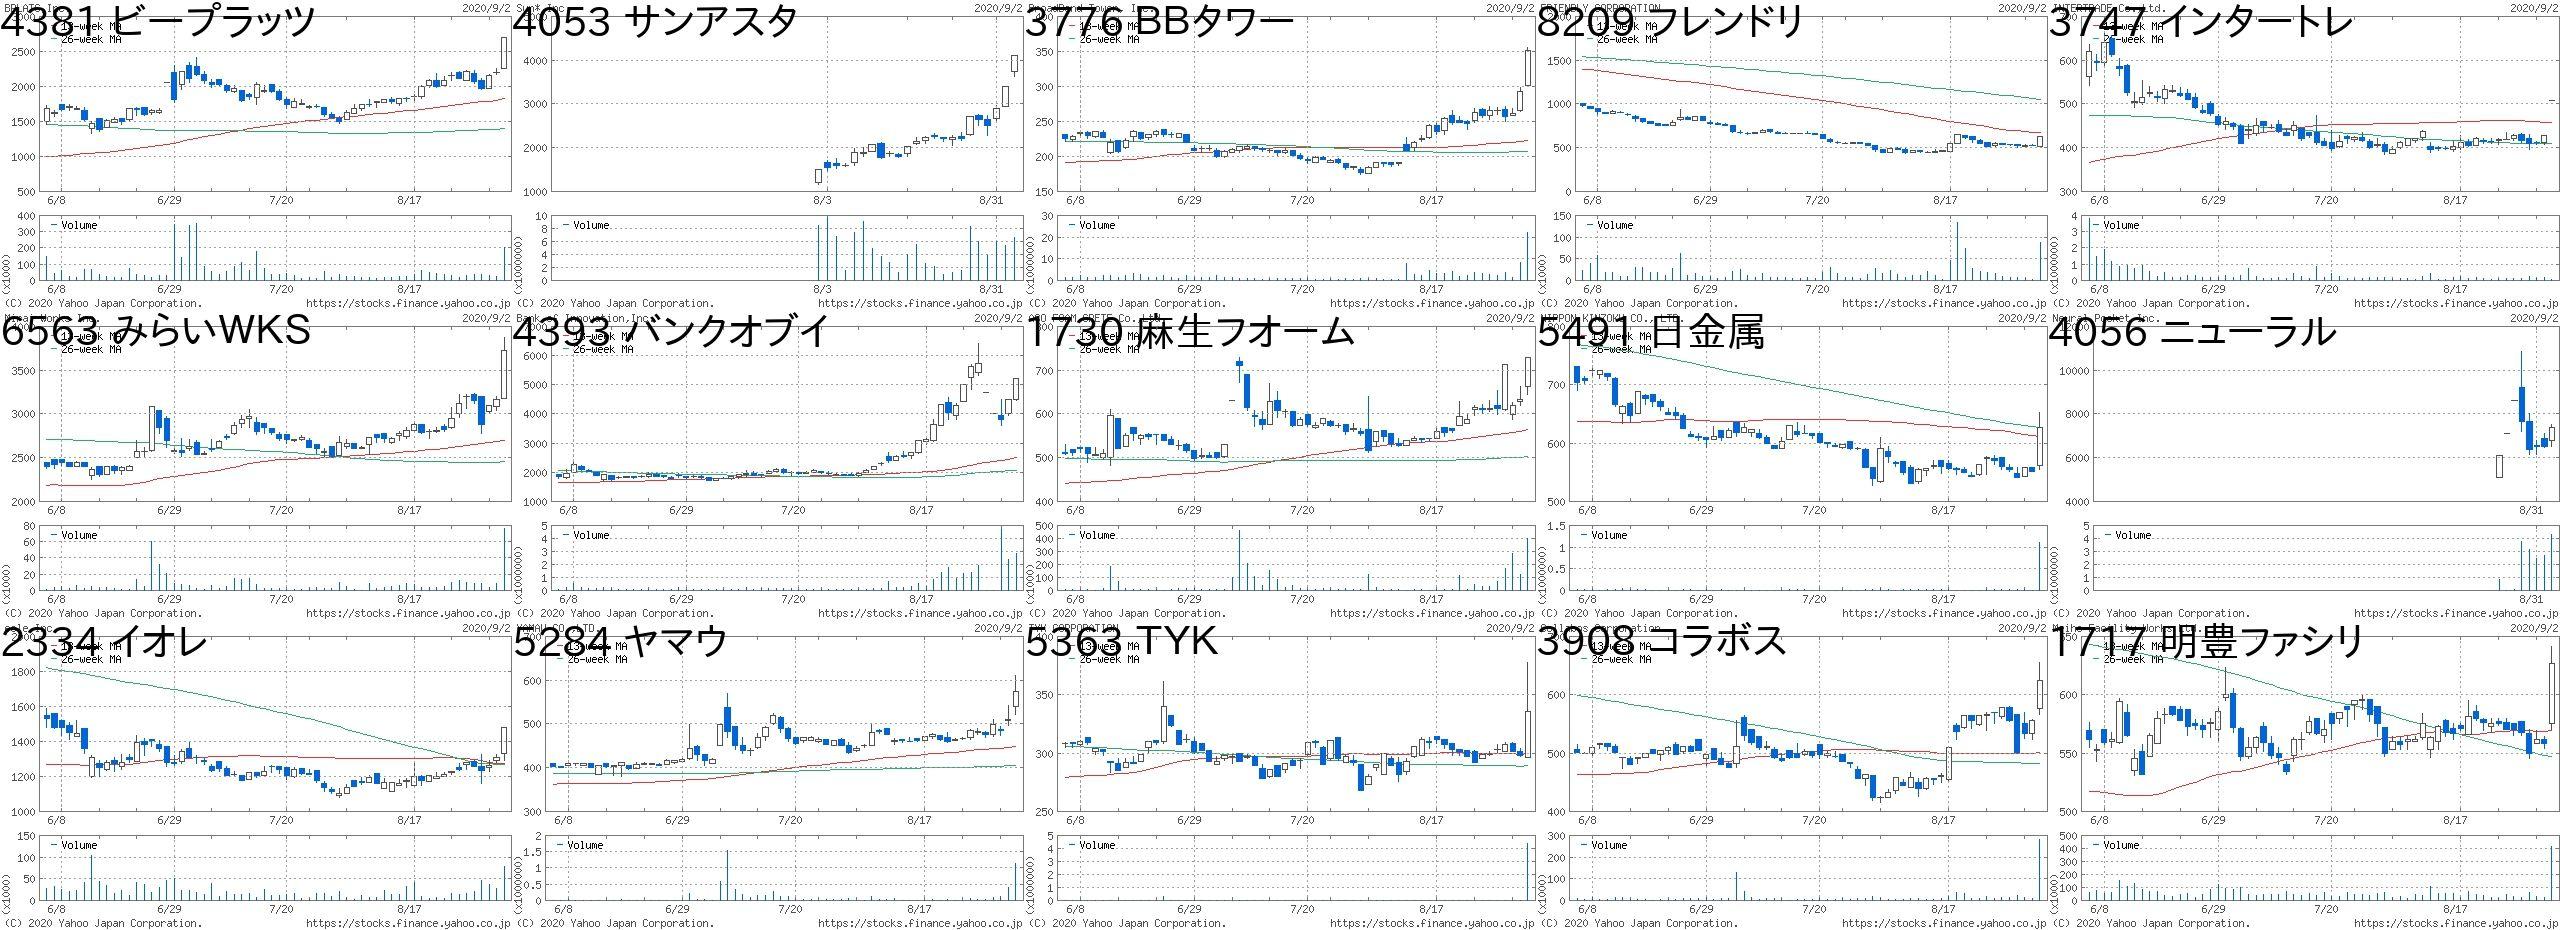 株価 ヘリオス